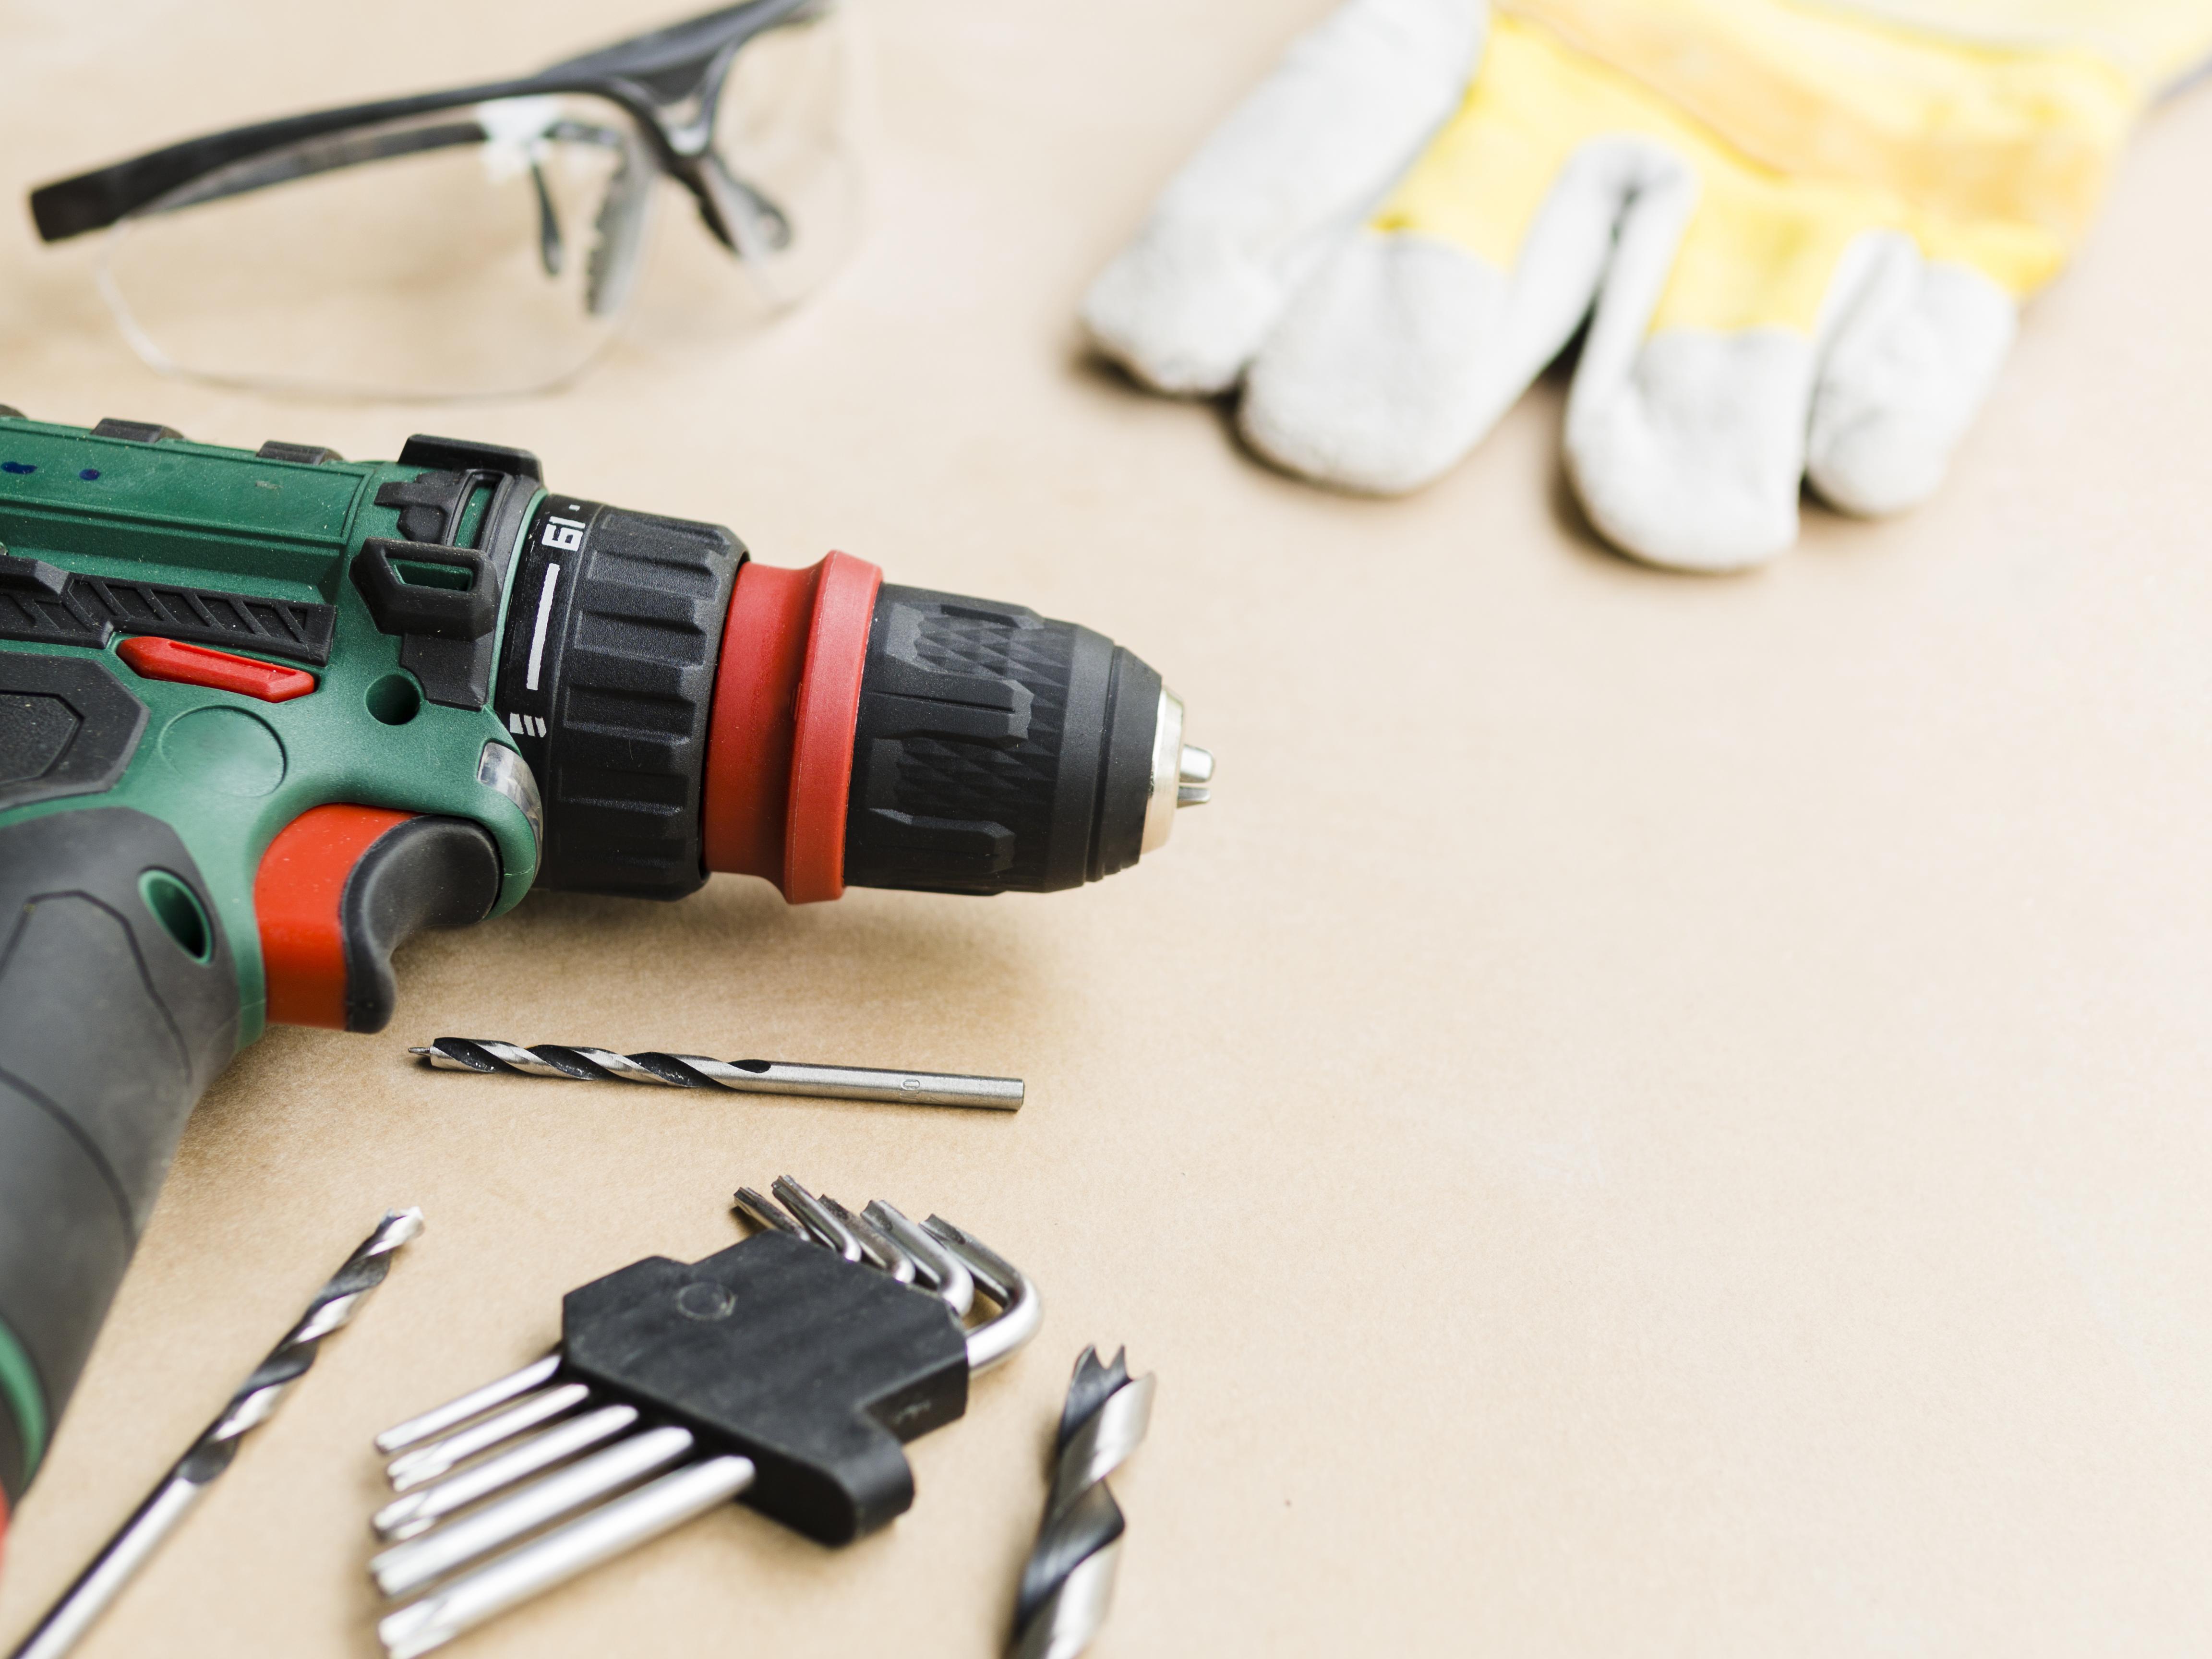 Belajar memperbaiki barang sendiri akan sangat bermanfaat (Foto: Freepik)